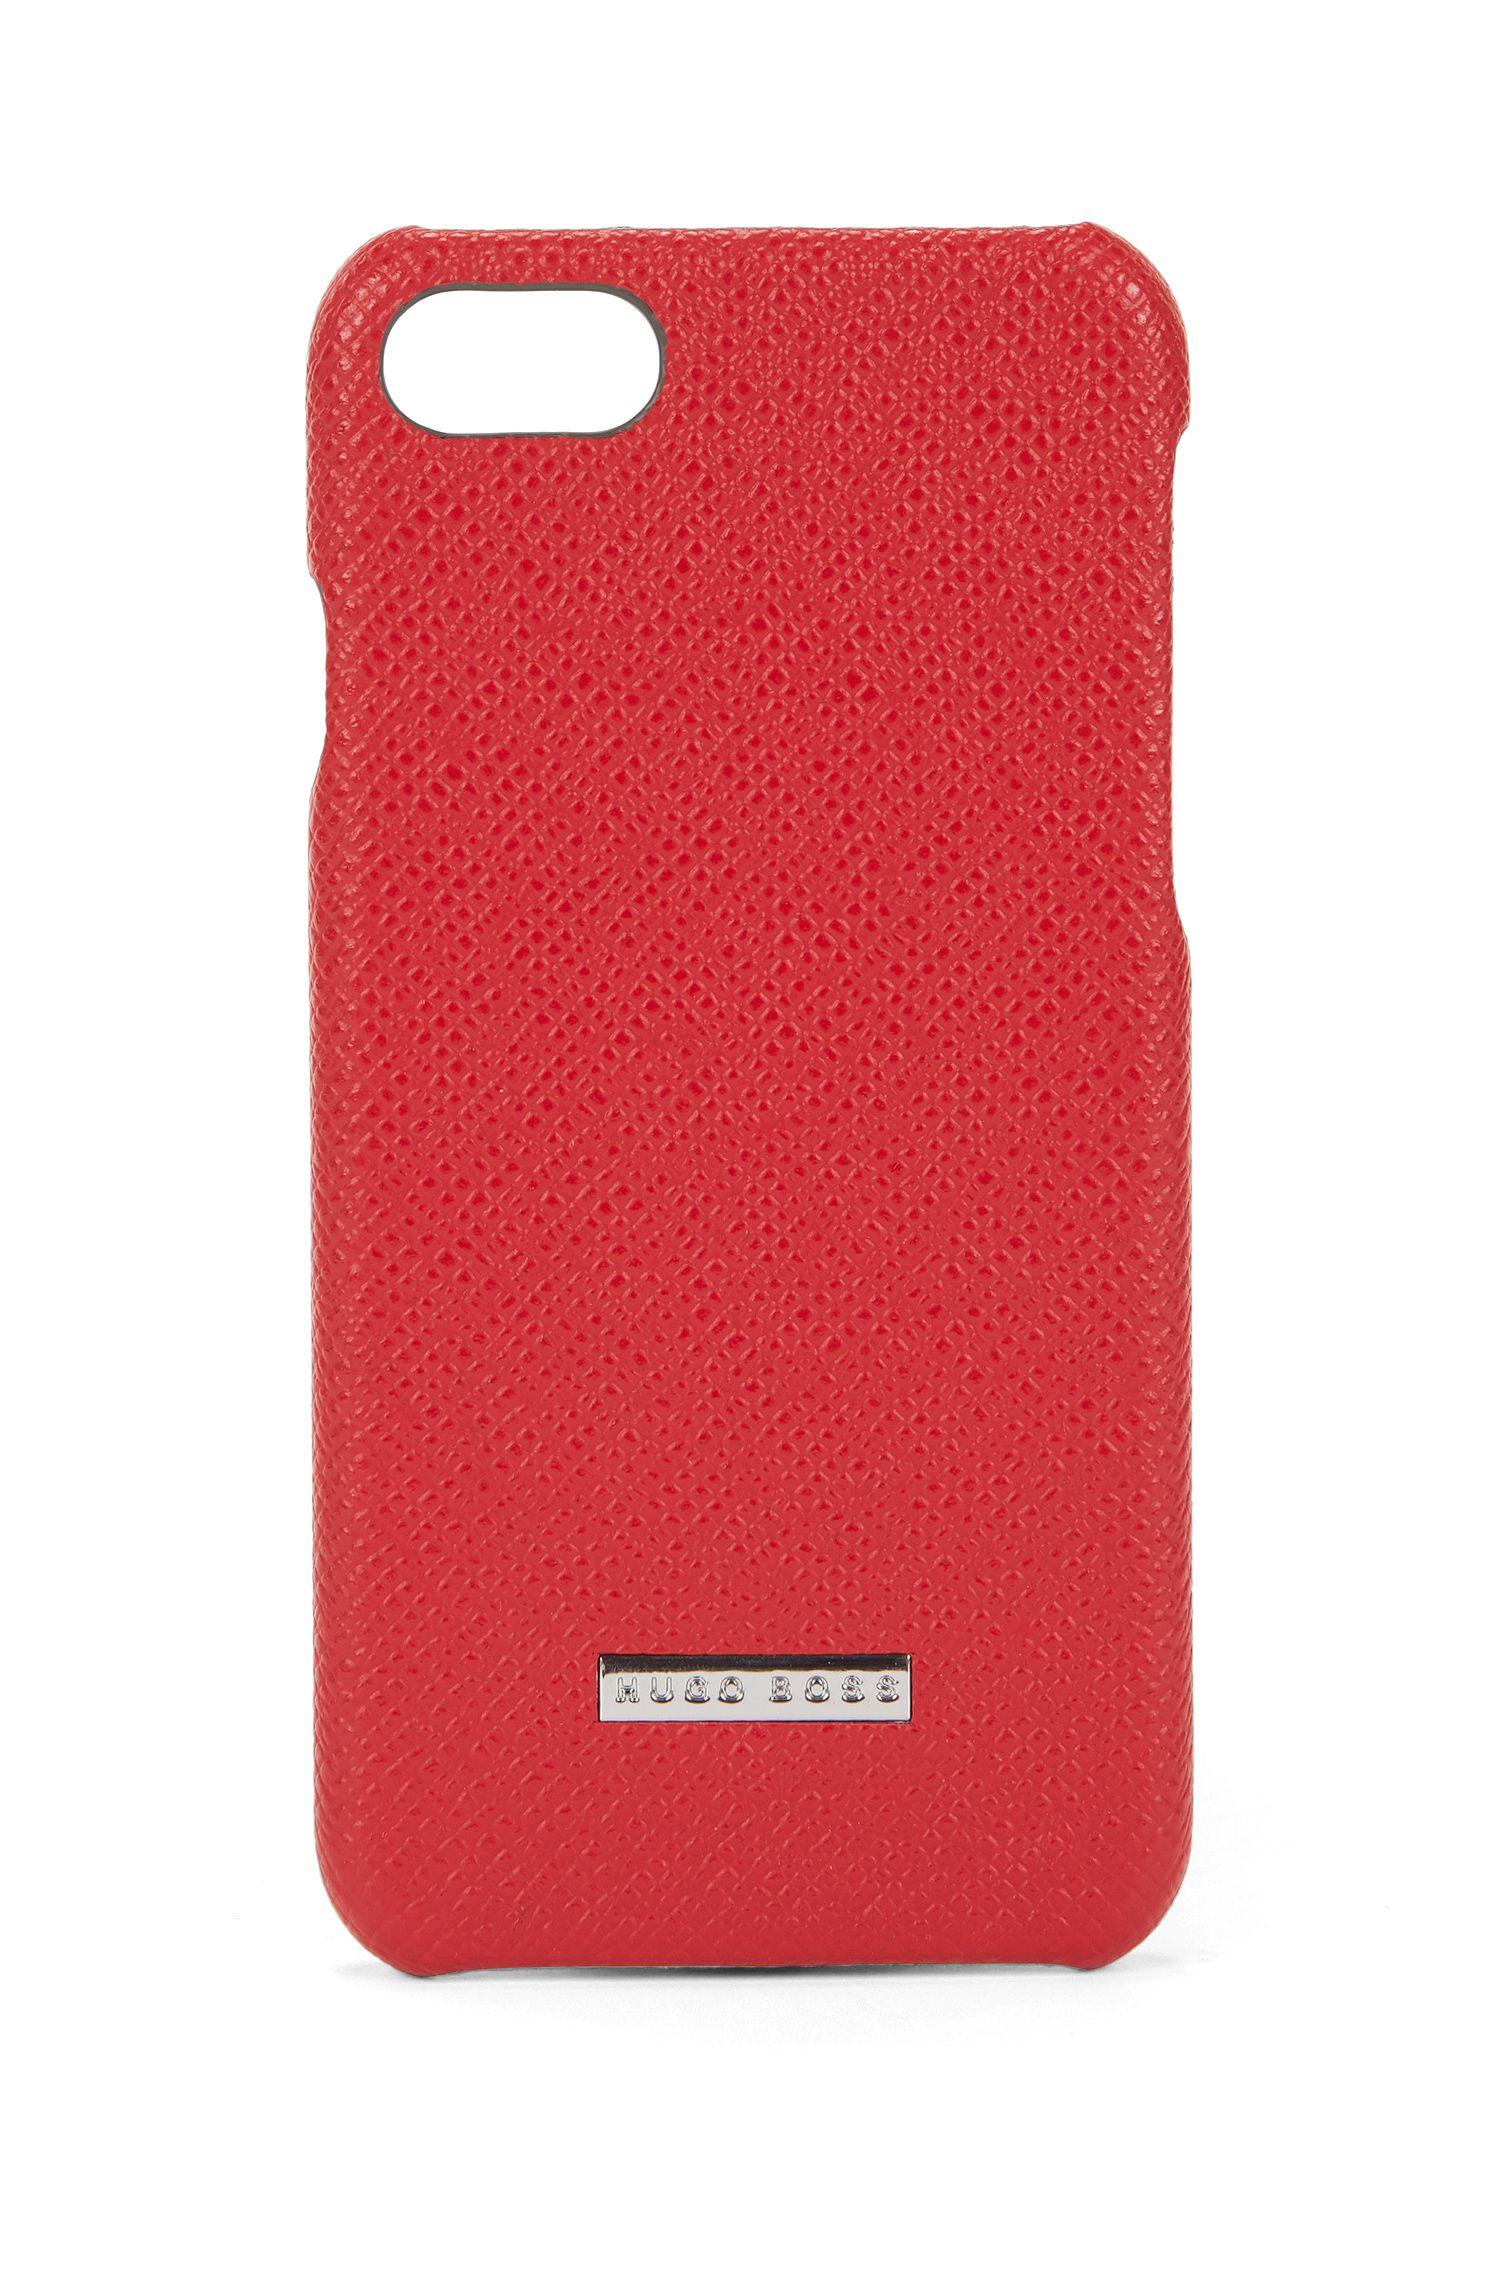 Signature Collection smartphone case in palmellato leather